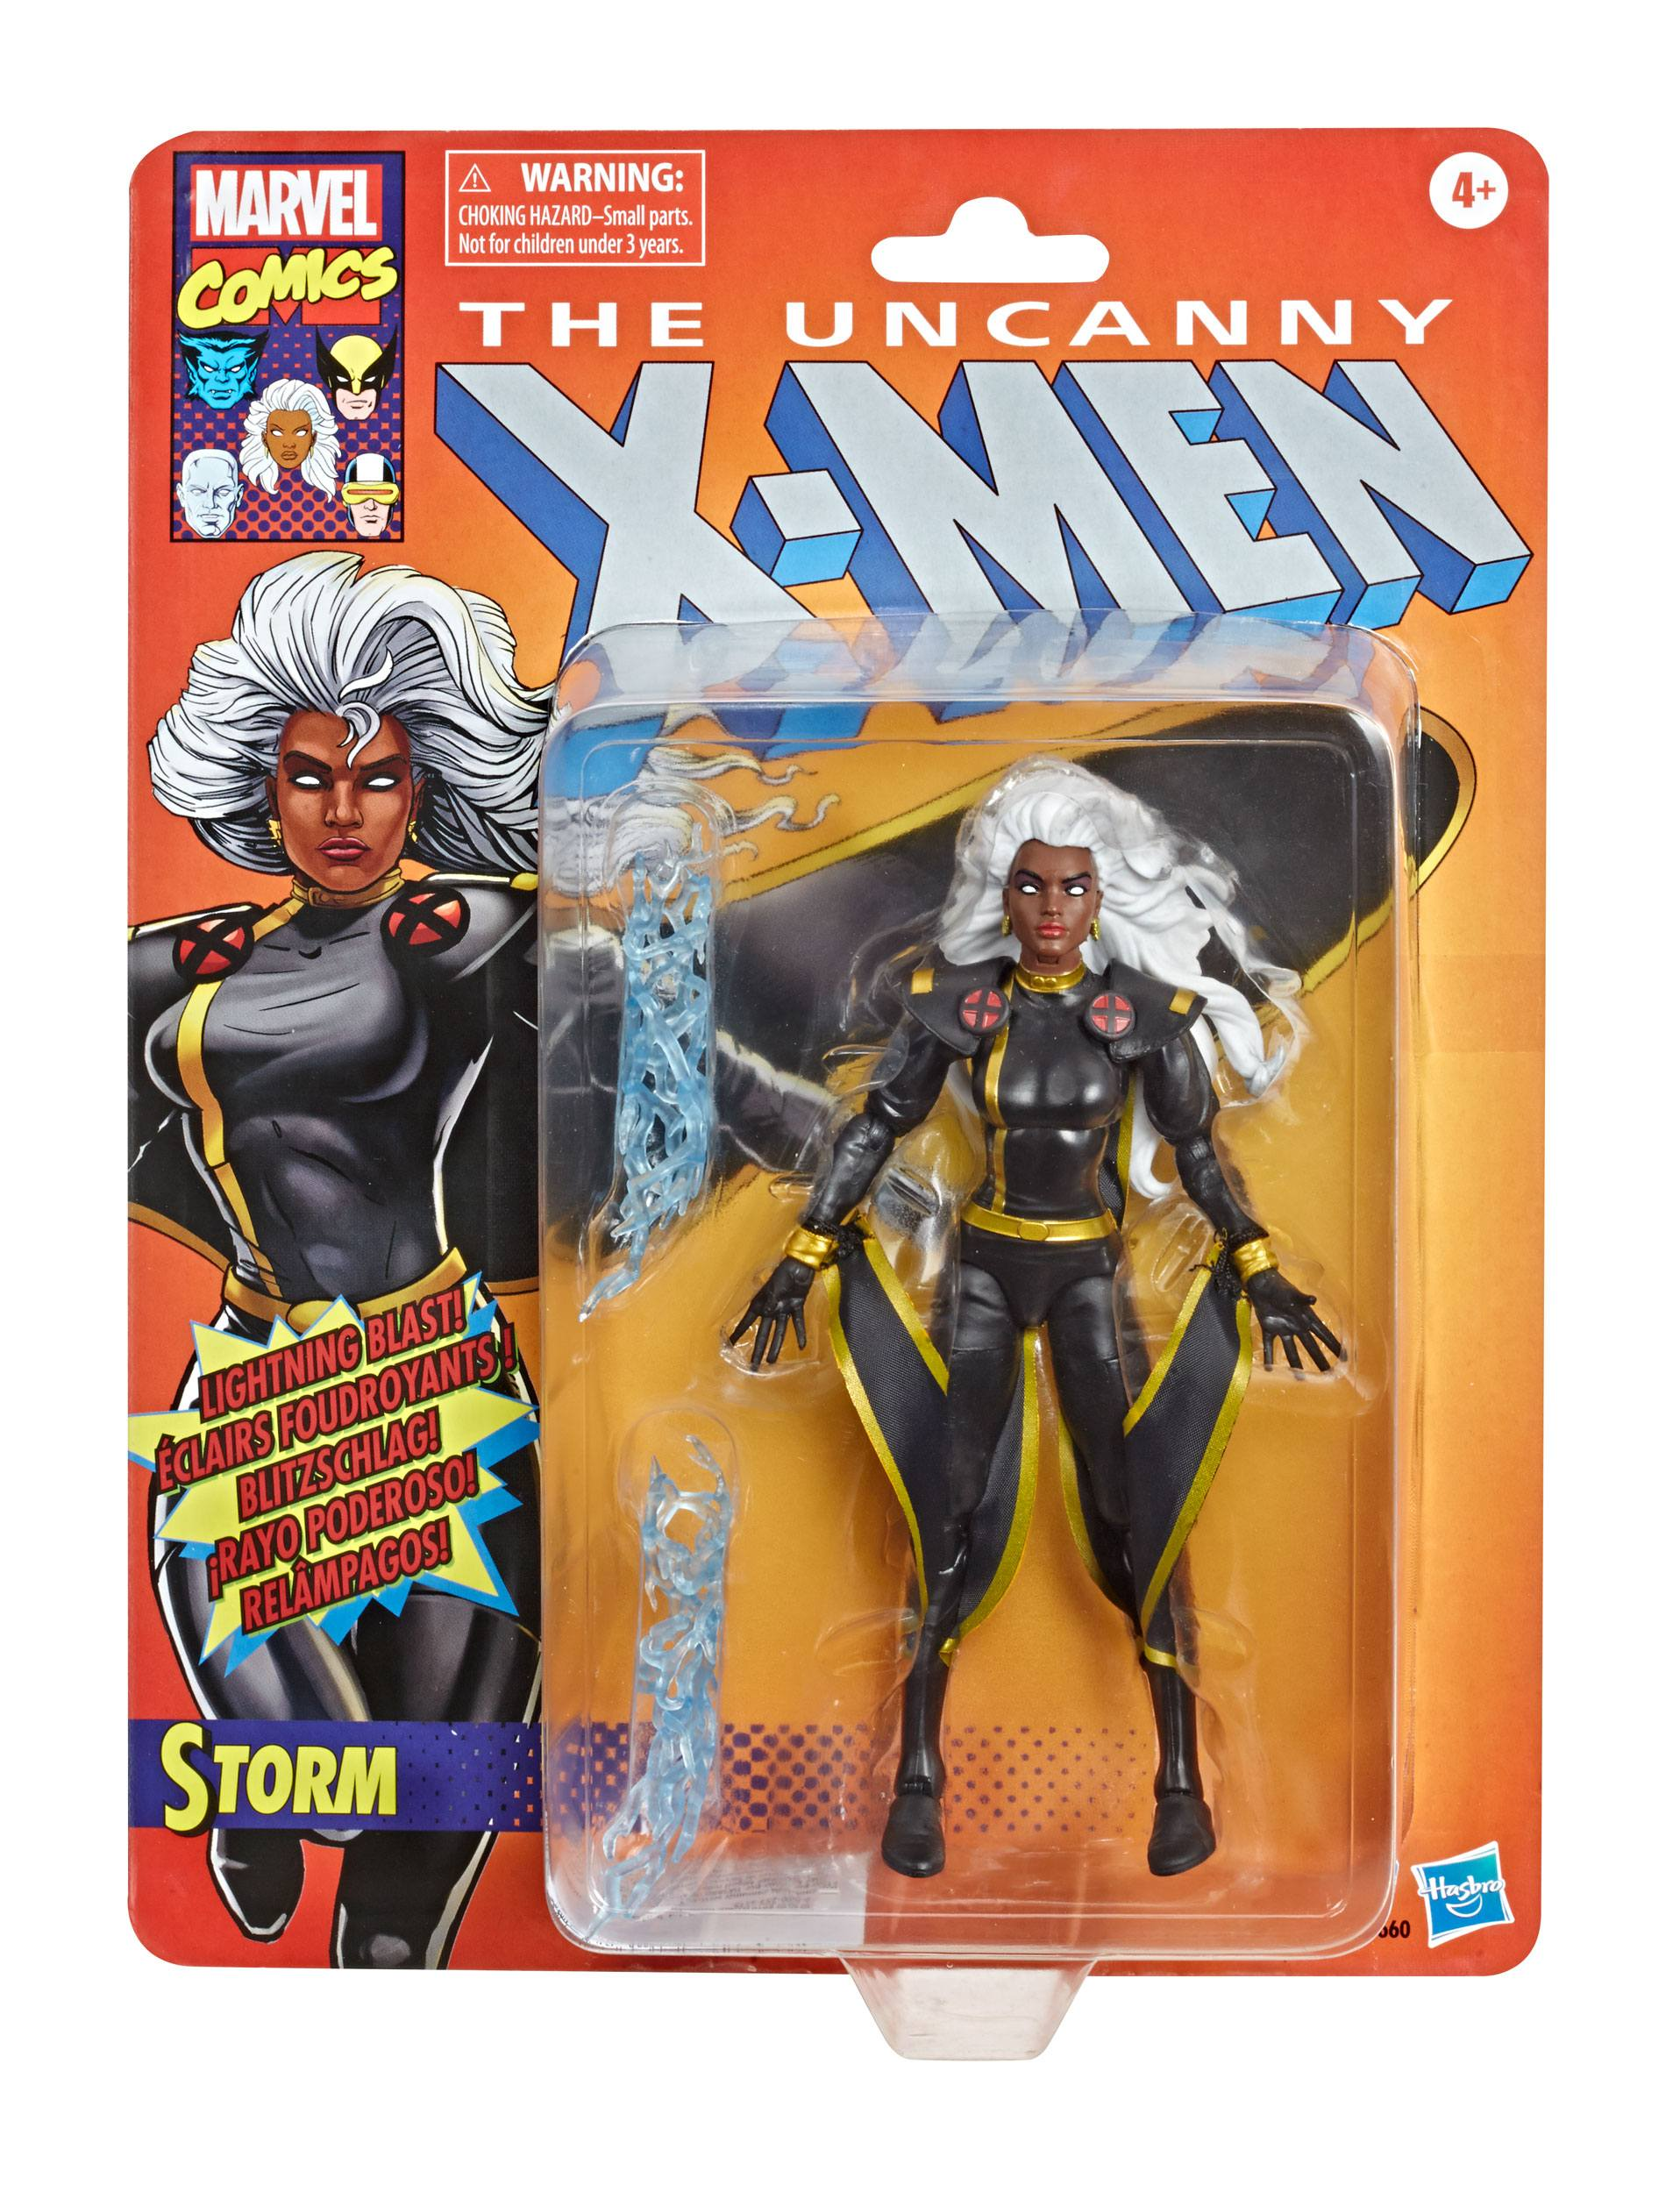 Marvel Retro Collection Actionfigur 2020 Storm (The Uncanny X-Men) 15 cm E9660 5010993697946